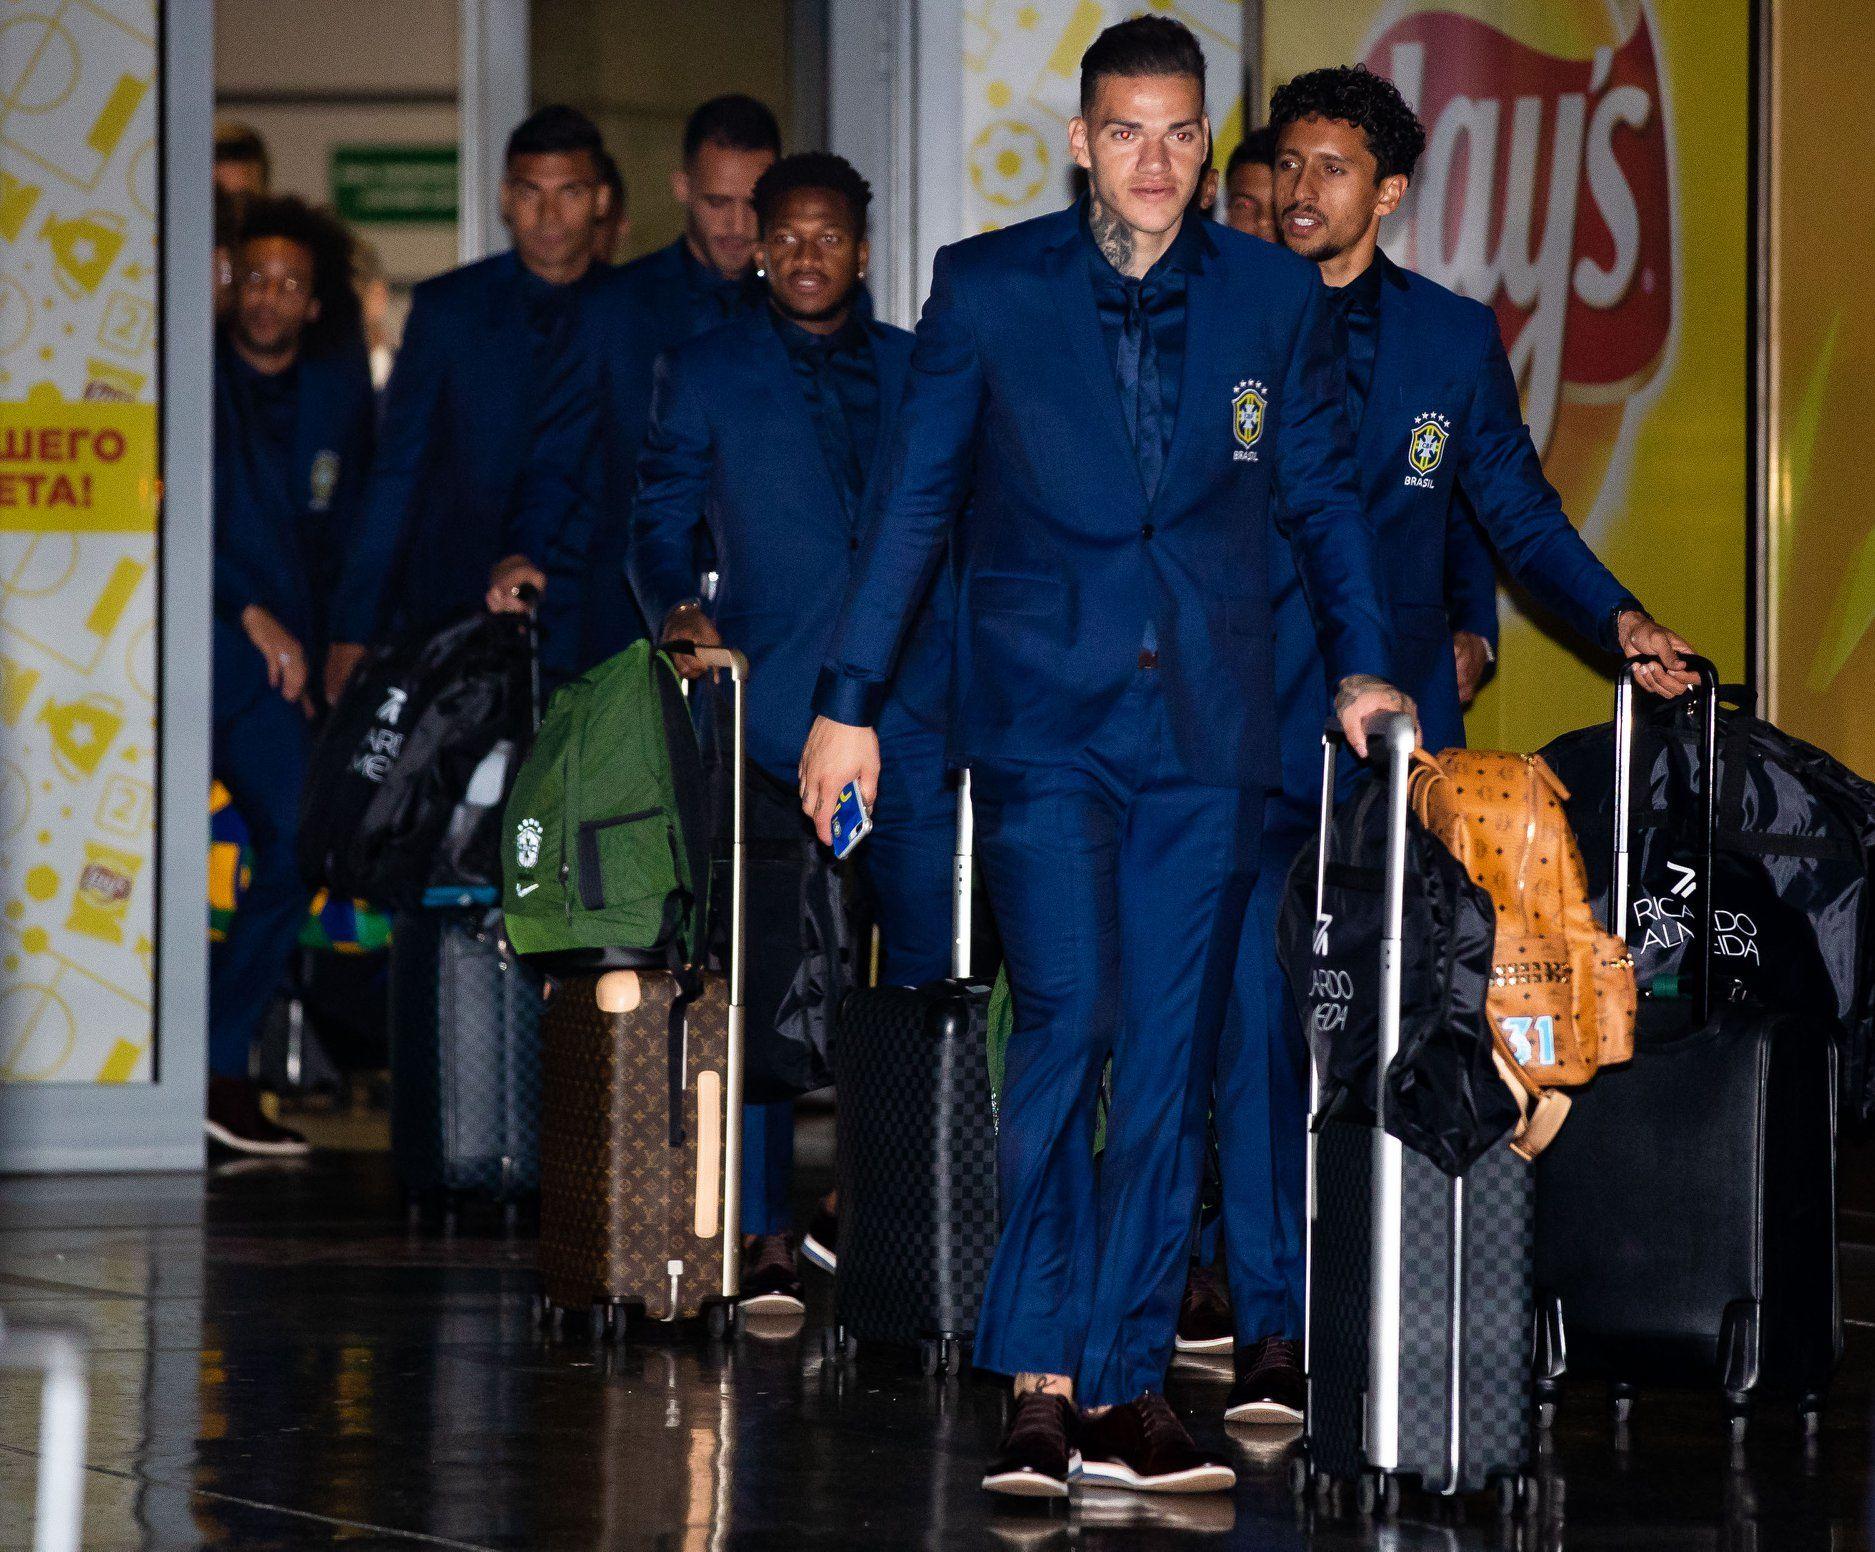 ©Фото со страницы facebook.com/fifaworldcup